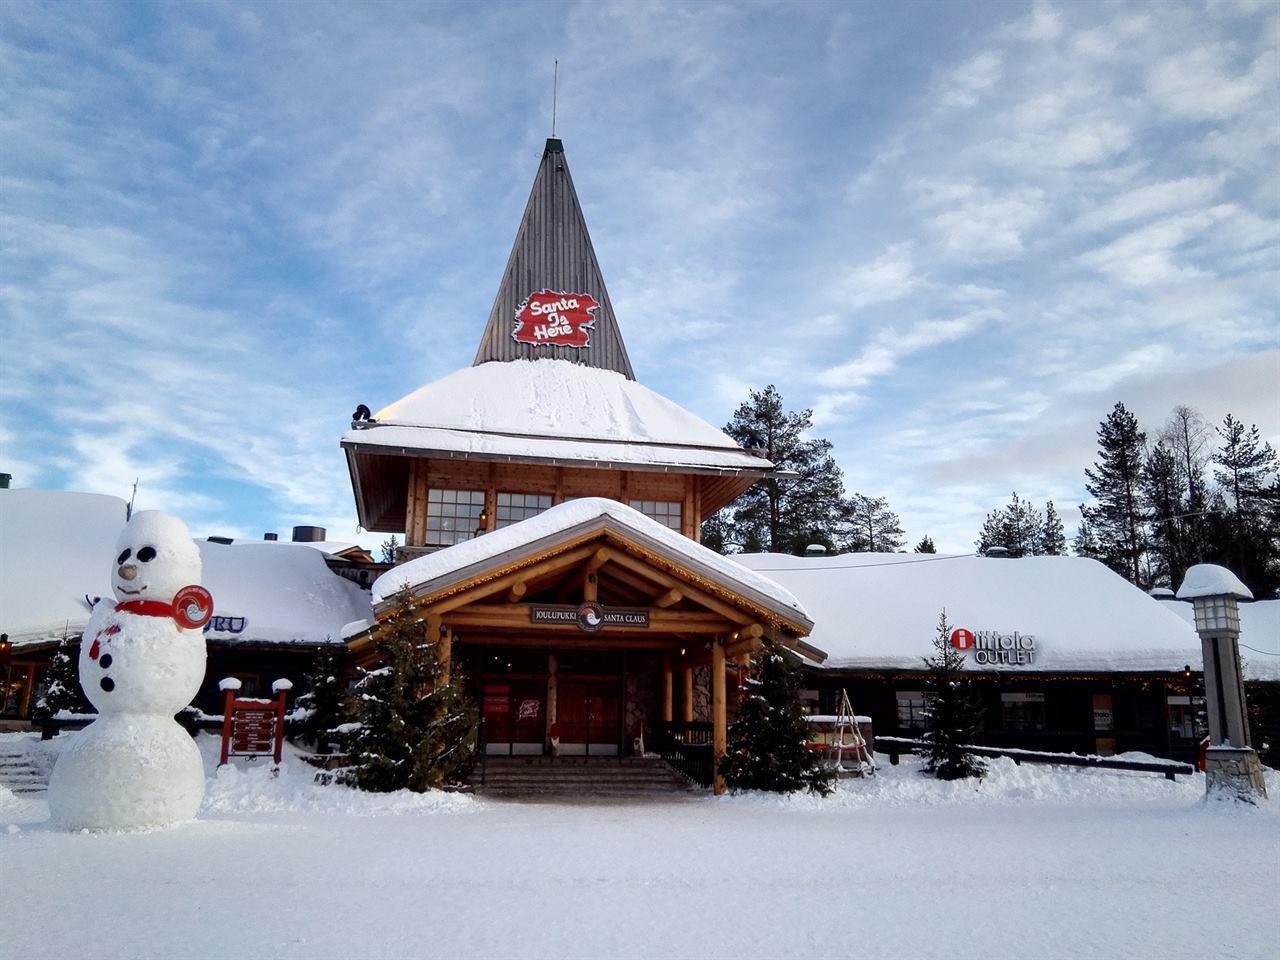 Финляндия зимой. Самостоятельное путешествие на встречу с Санта Клаусом